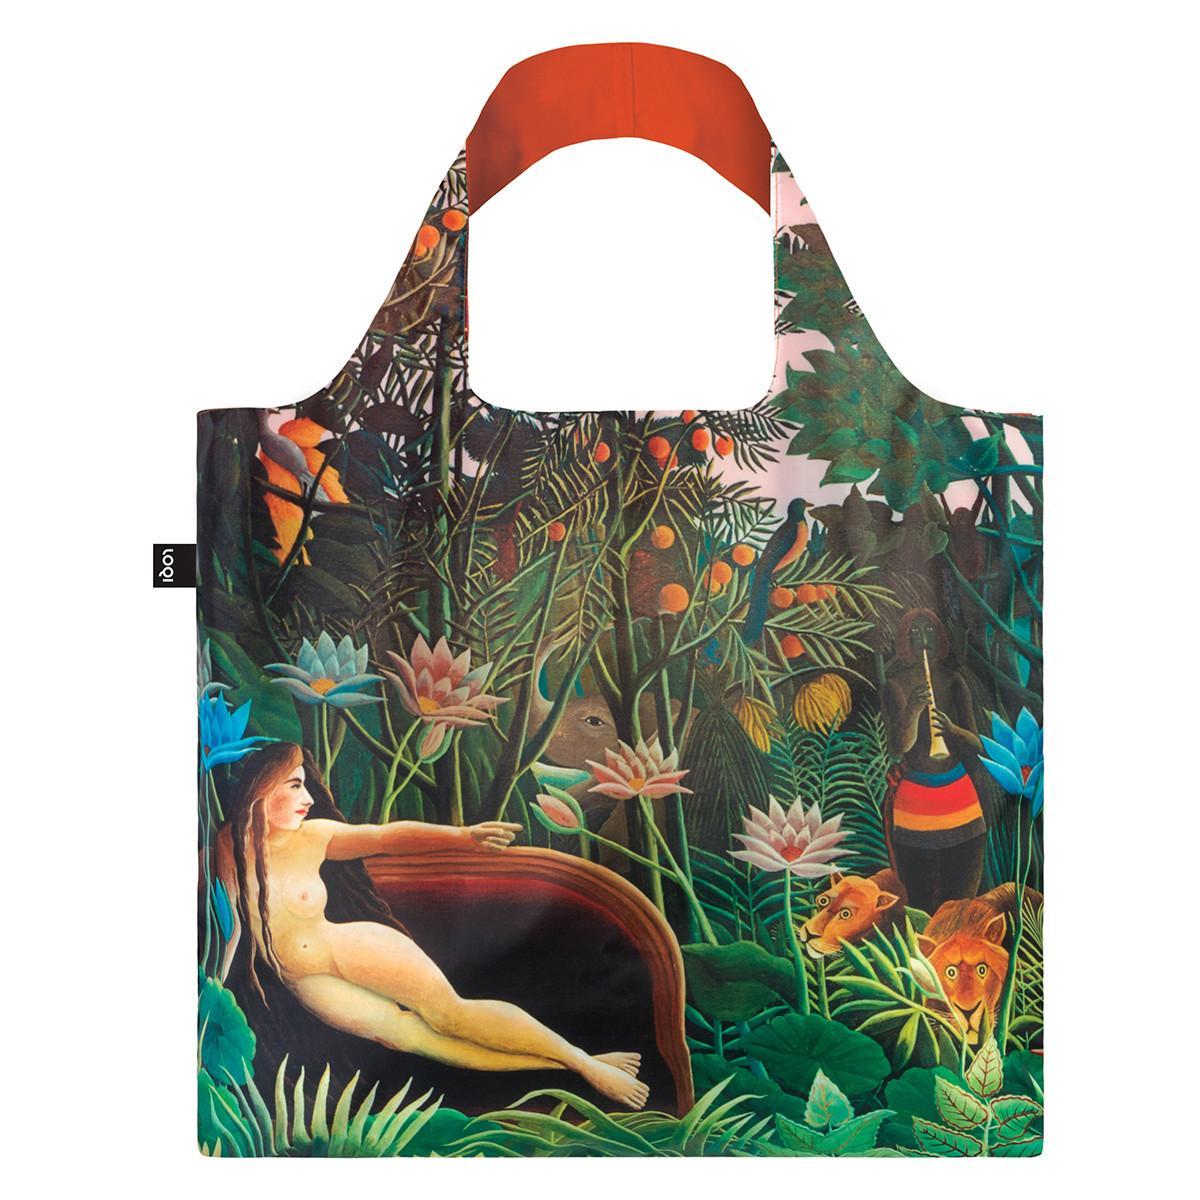 LOQI Shopping Bag: Museum Collection -HenriRousseau